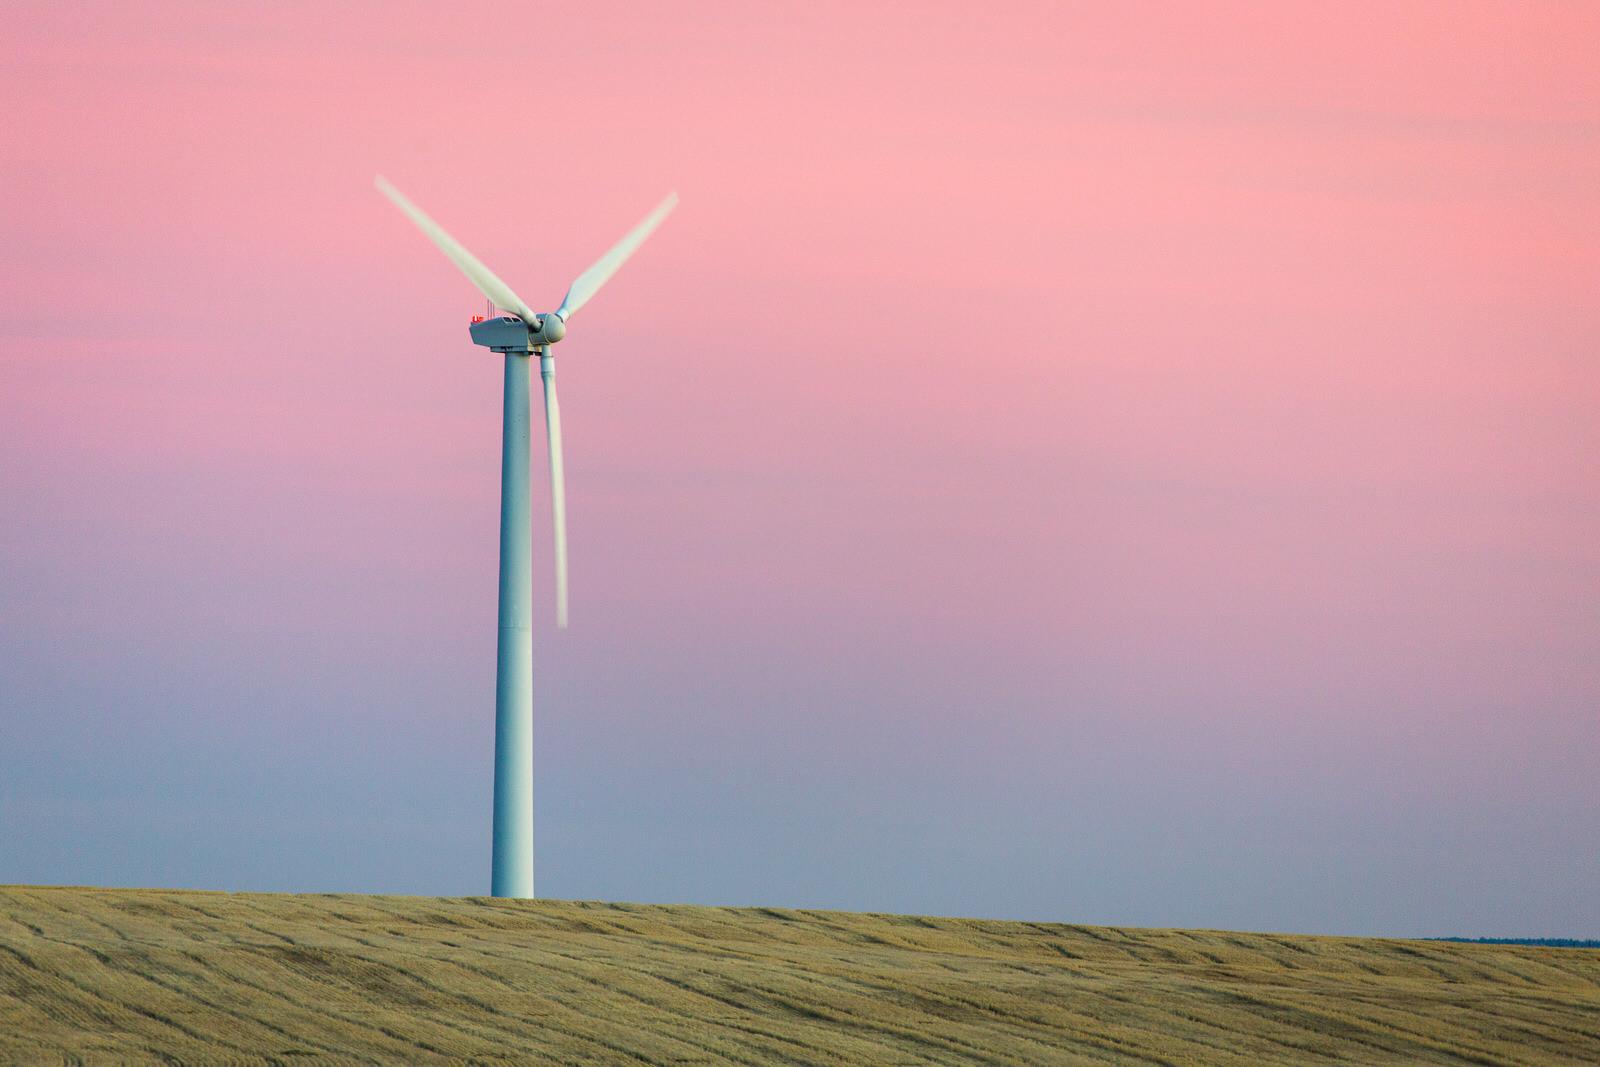 Lone wind turbine in a wheat field at dusk near Wasco, Oregon